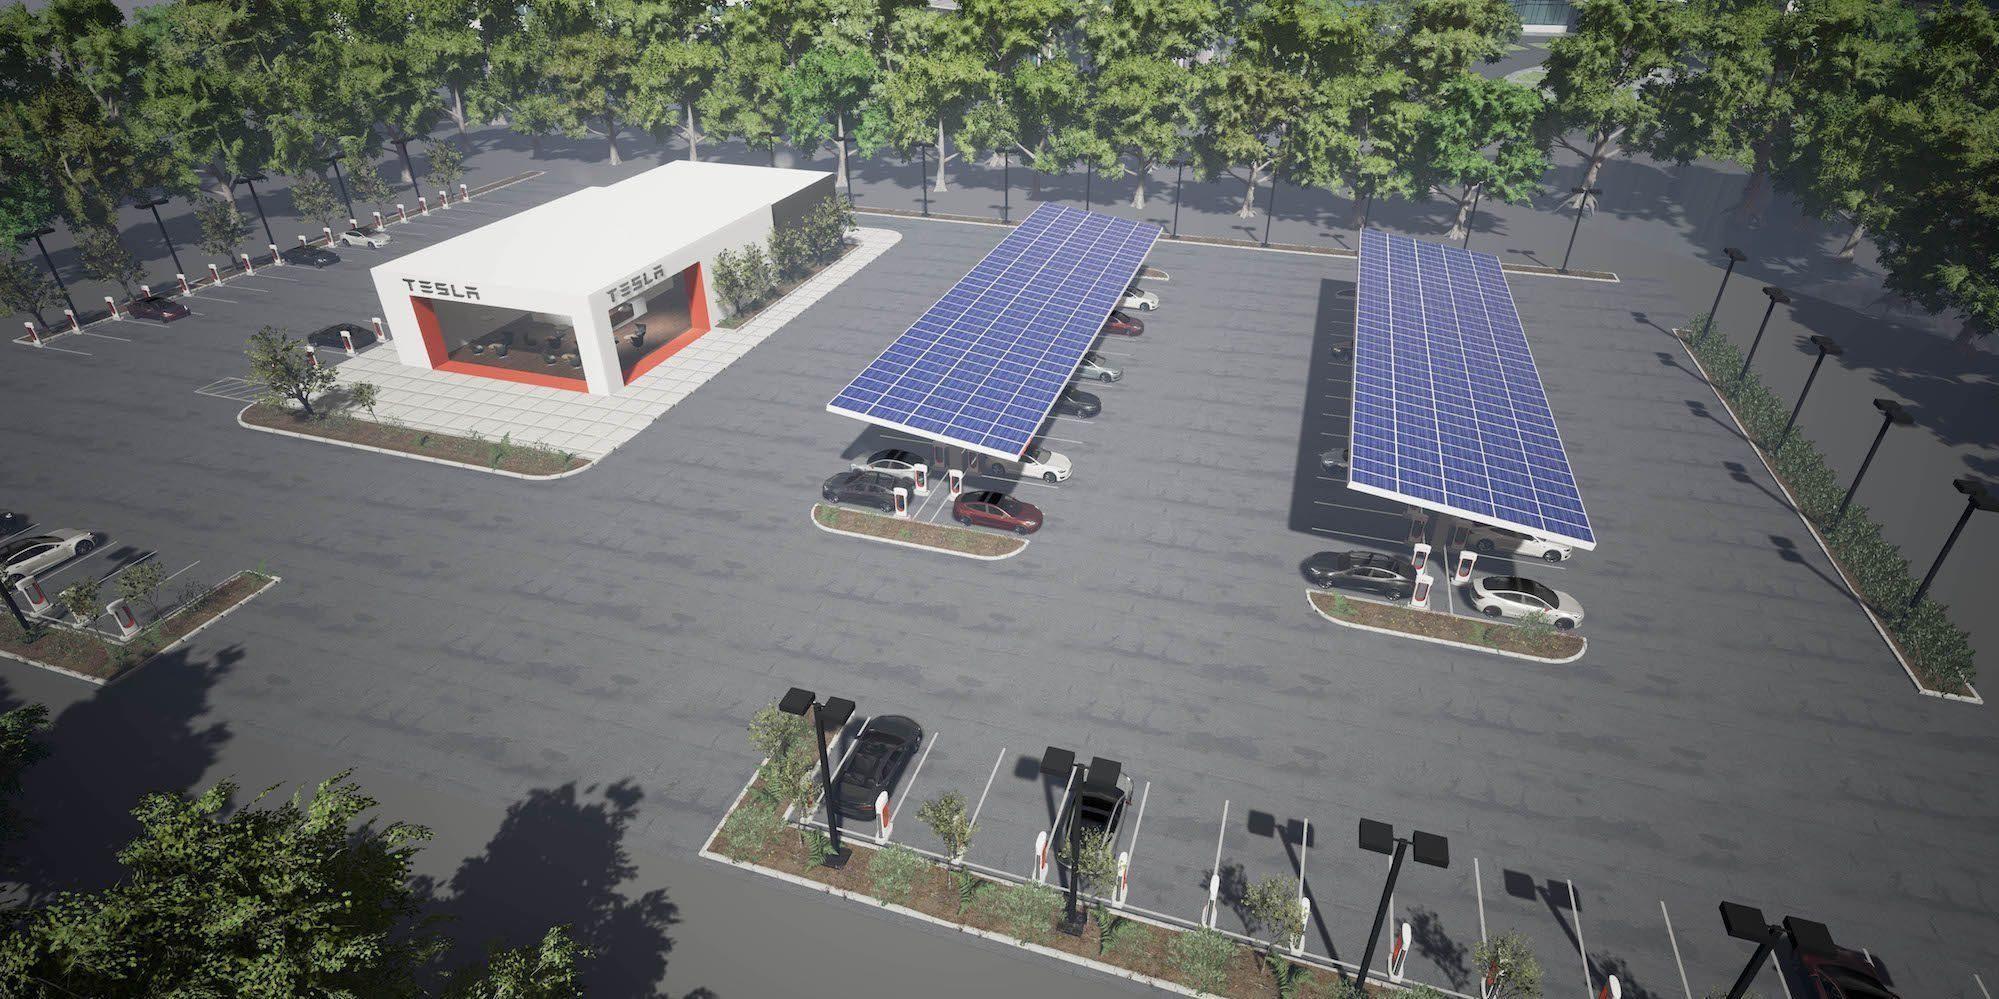 SUPERRASTEPLASS: Med 40 superladere, egen lounge til sjåførene og spesialplasser til matvogn, vil Teslas nye stasjoner antagelig bli populære rasteplasser.